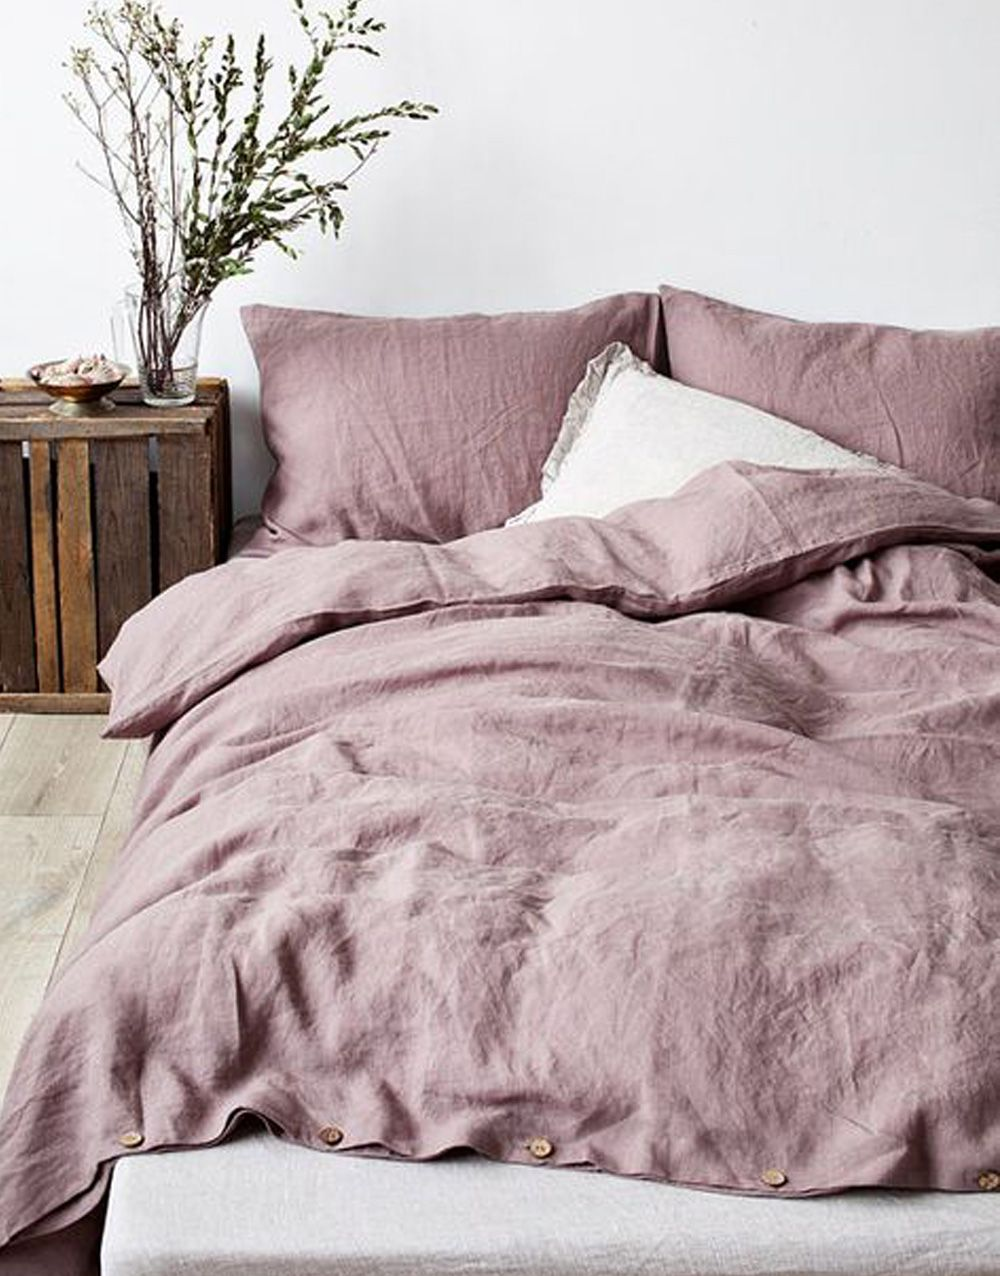 Rosa bedroom details #scandinavianhome #interiorinspiration